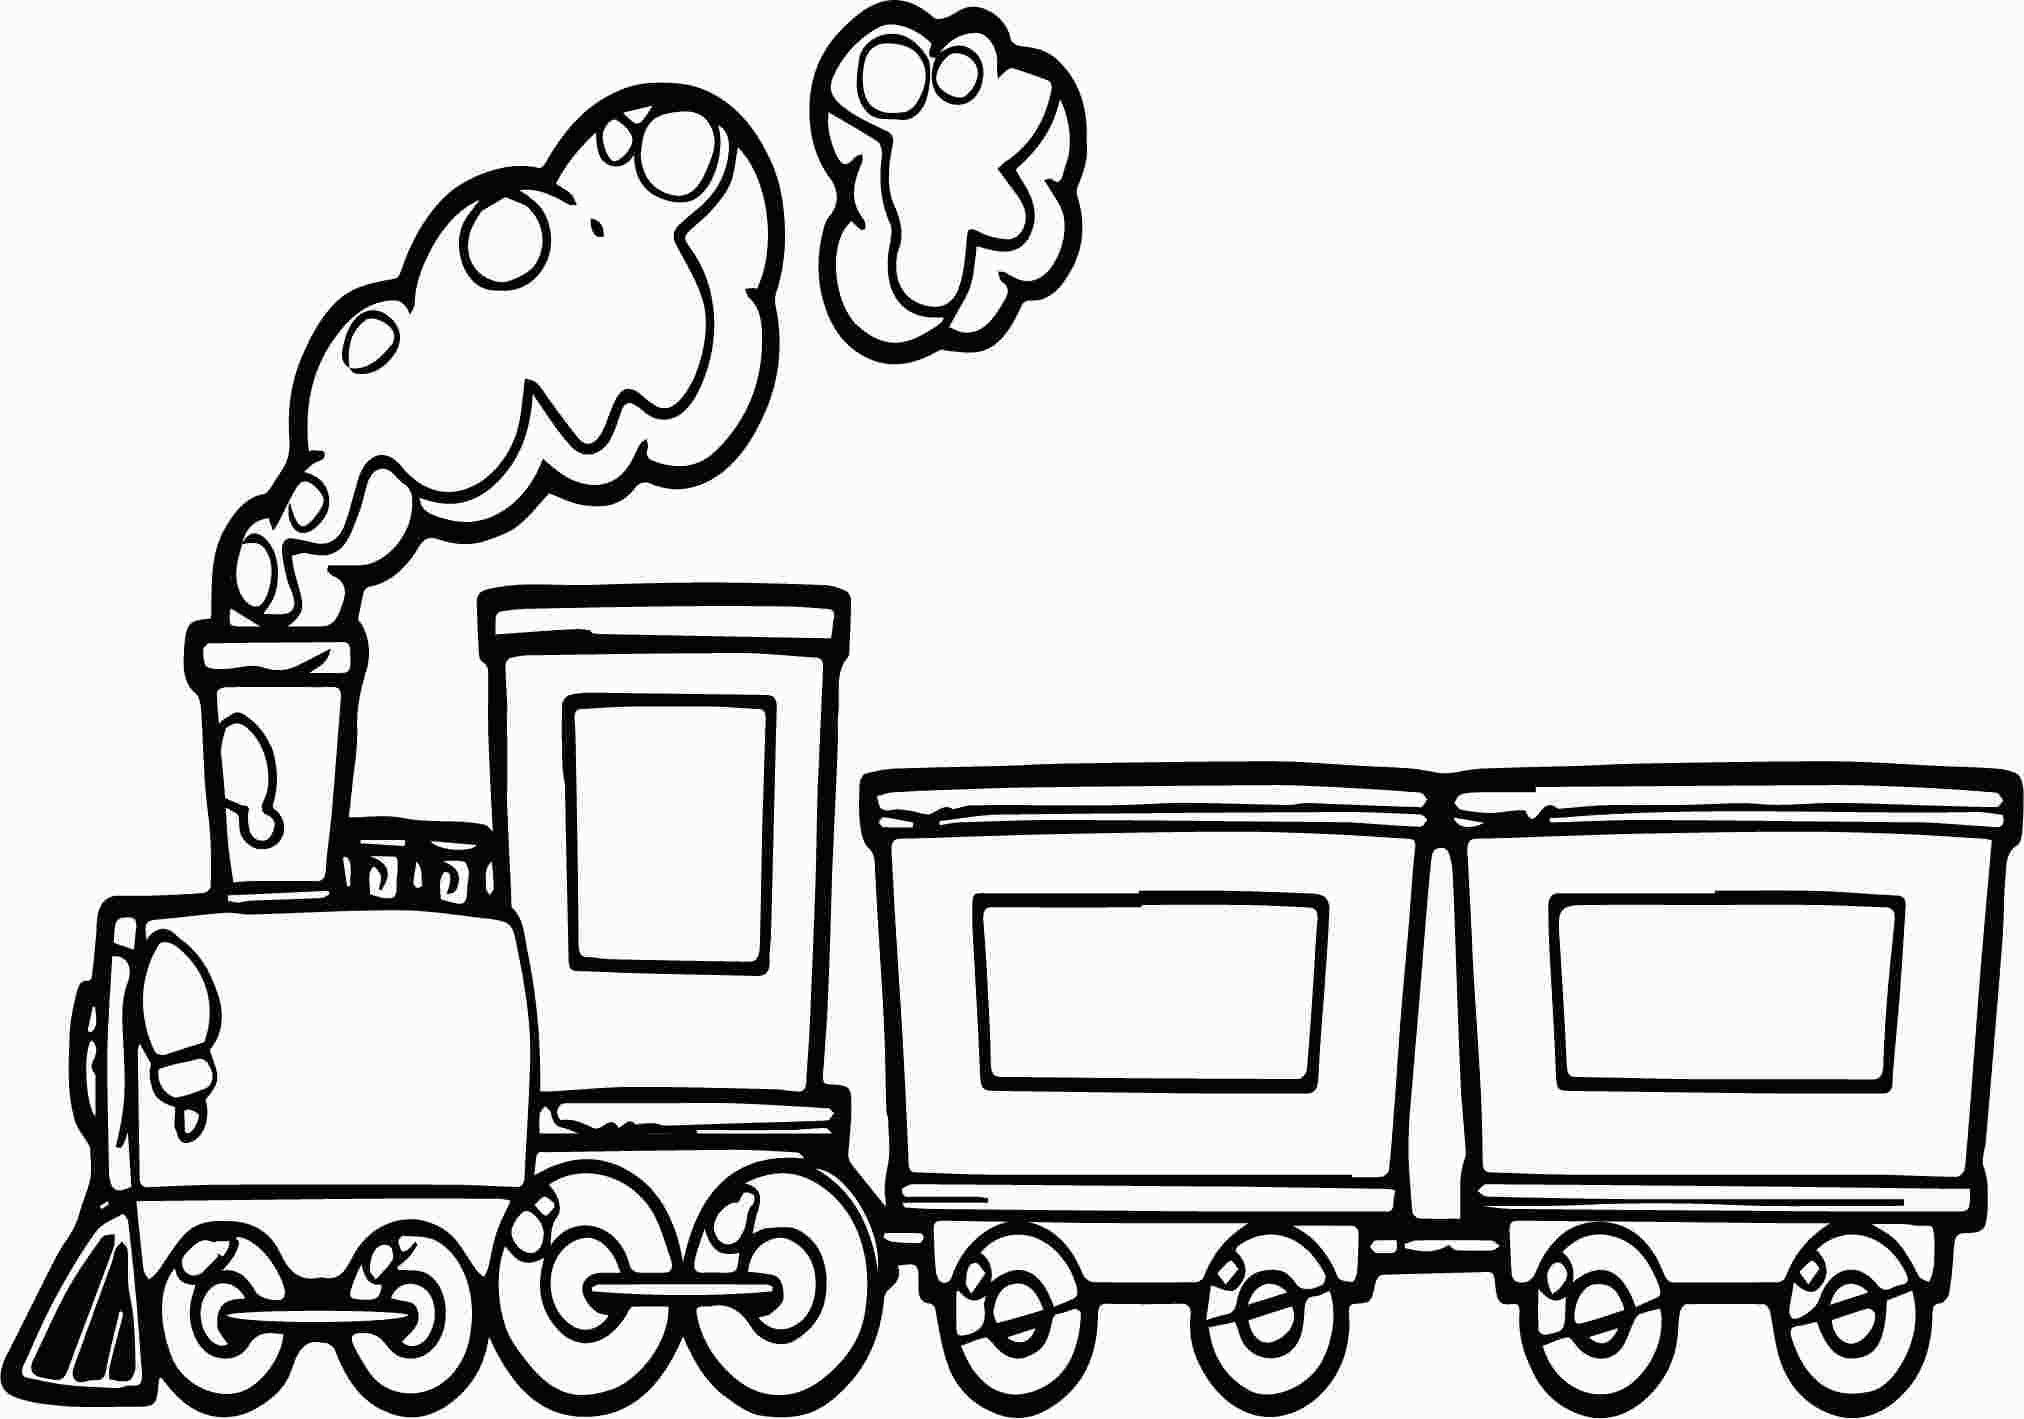 Pin By Klassen Carey On I Likt It Train Coloring Pages Train Cartoon Cartoon Coloring Pages